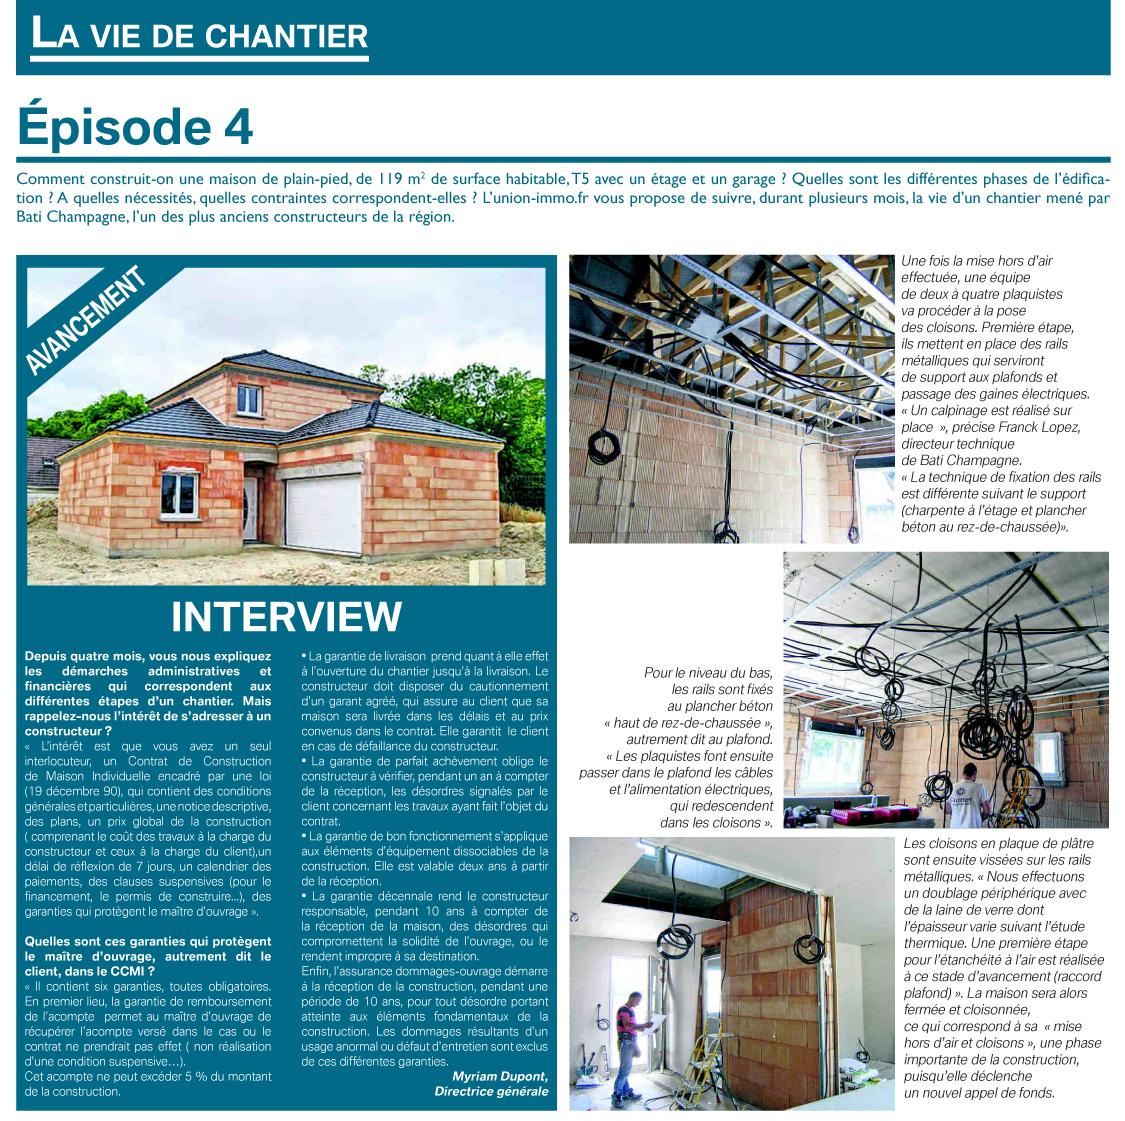 100 etape pour construire une maison le plancher en 3d d u0027une mais - Faire construire sa maison au portugal ...